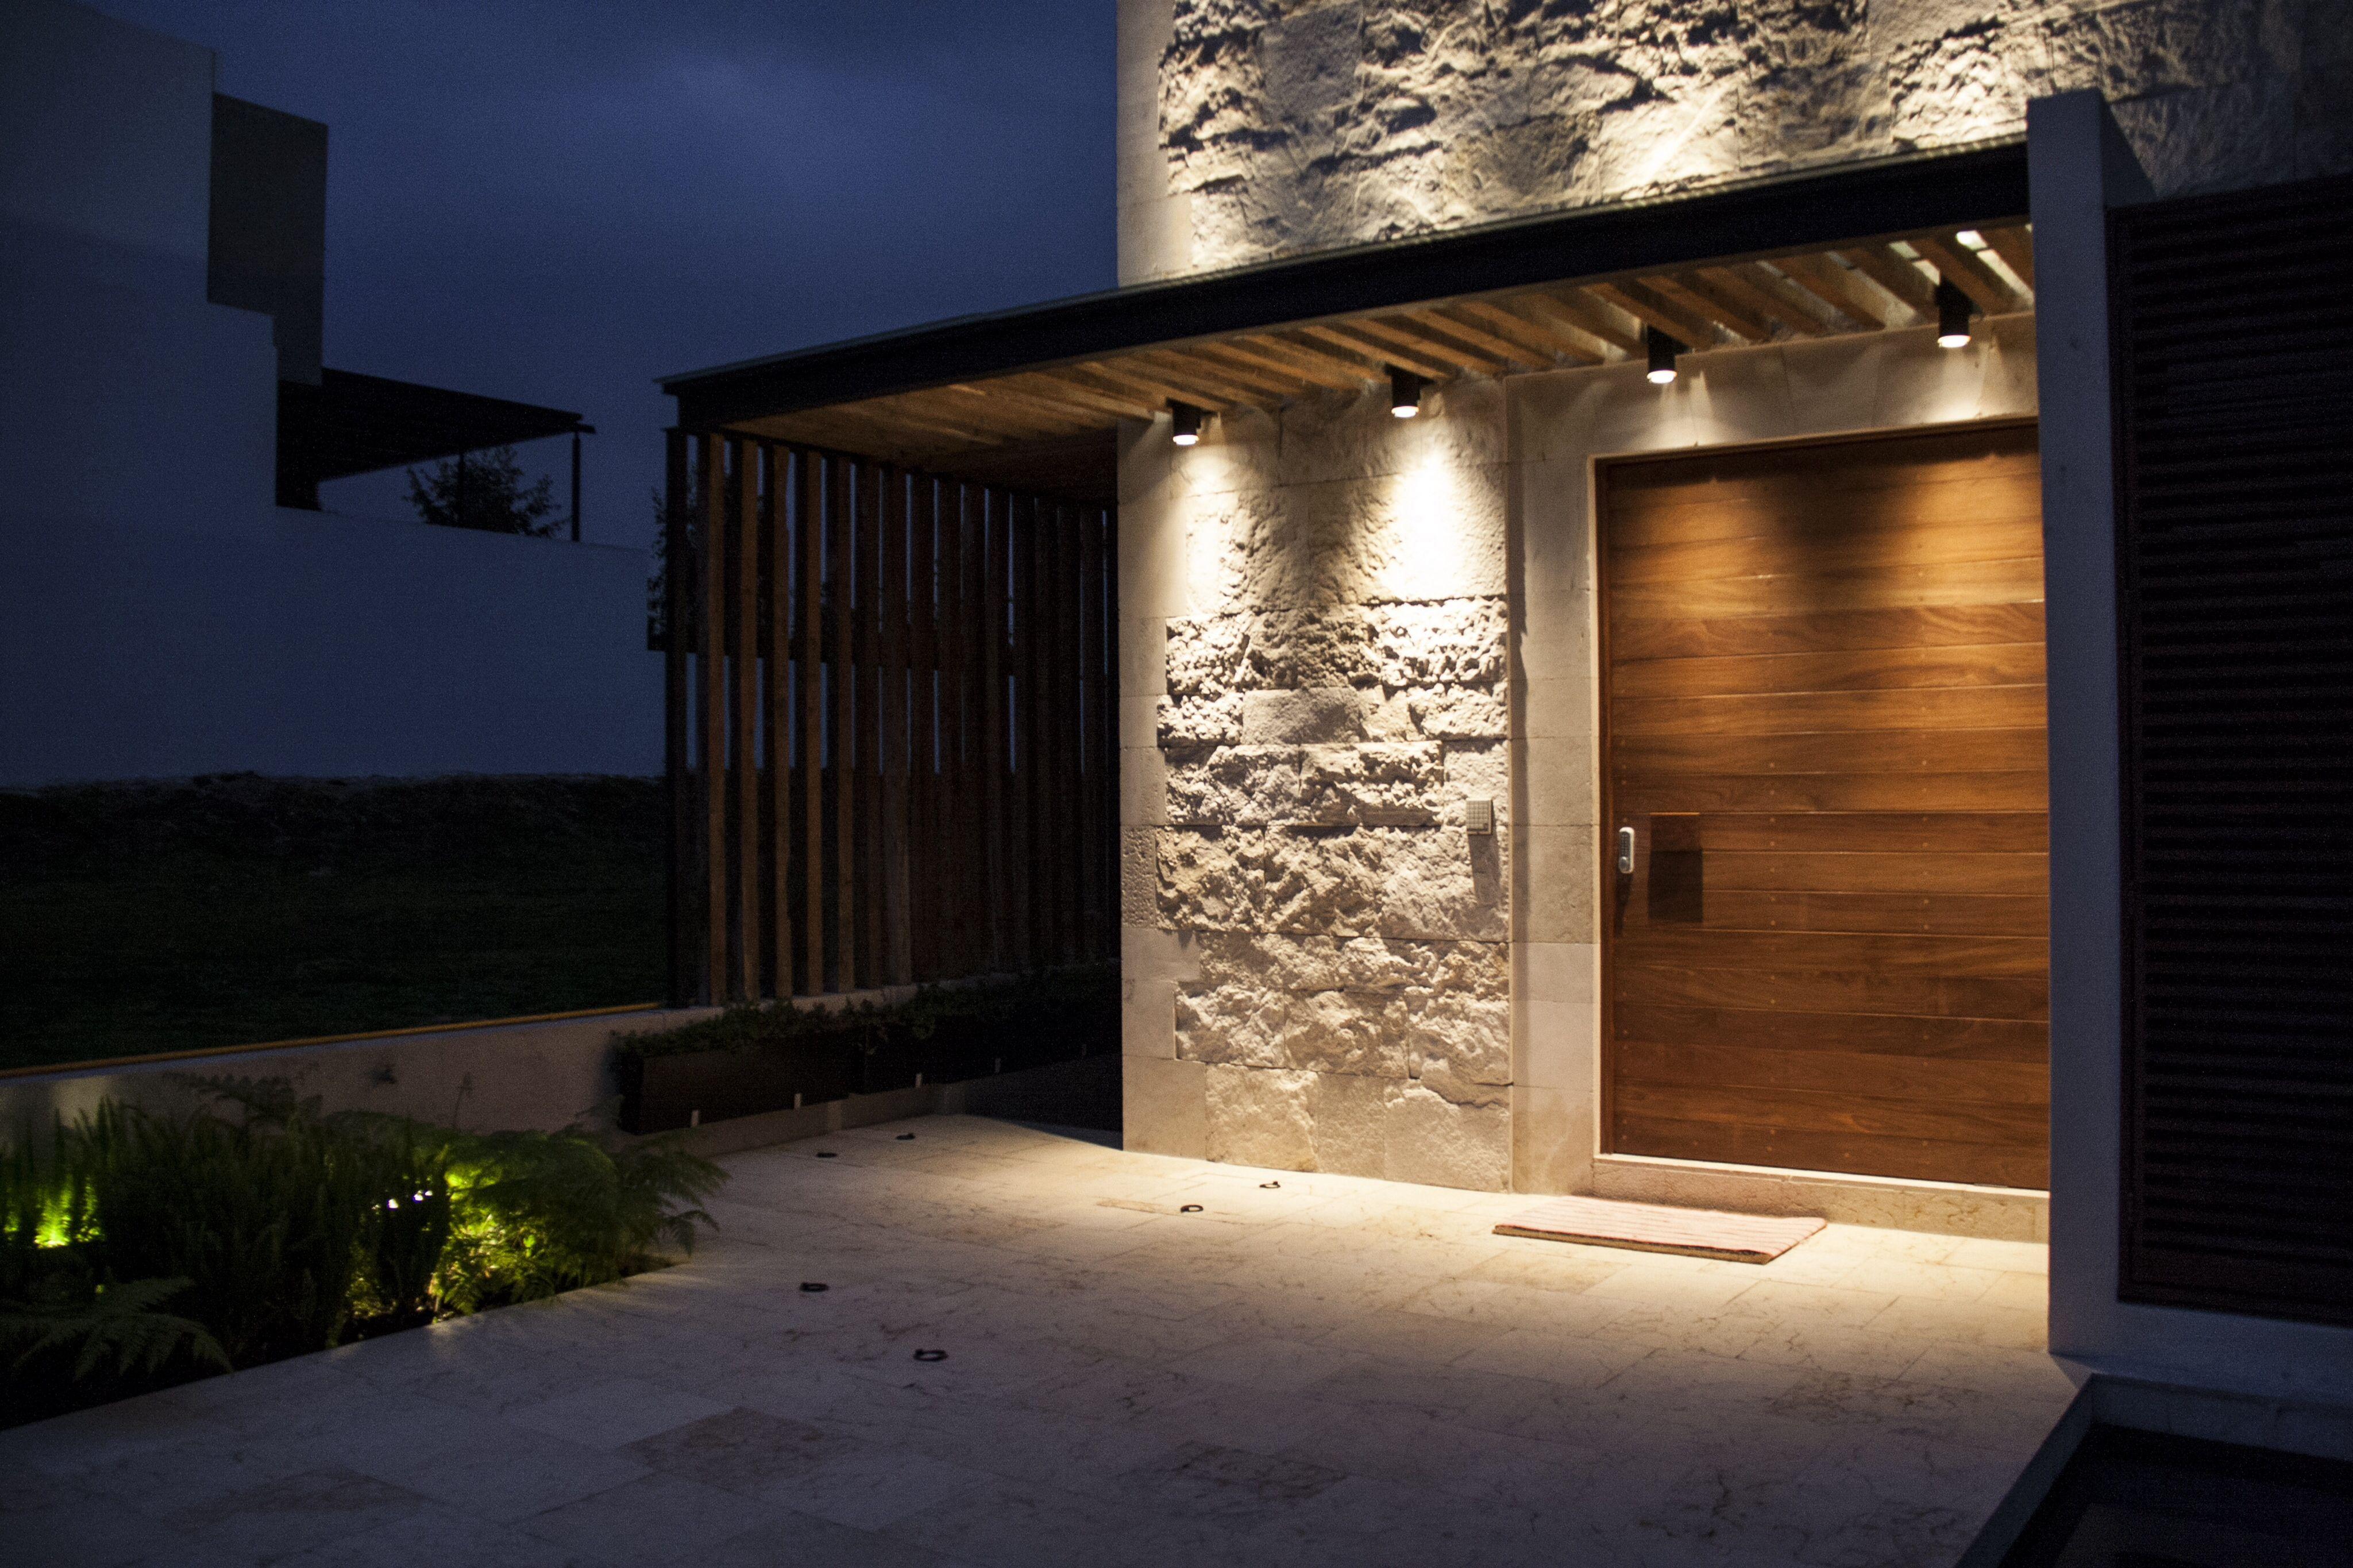 Casa SS. Fachada / Muros de piedra / Iluminación / Nocturna. Código ...